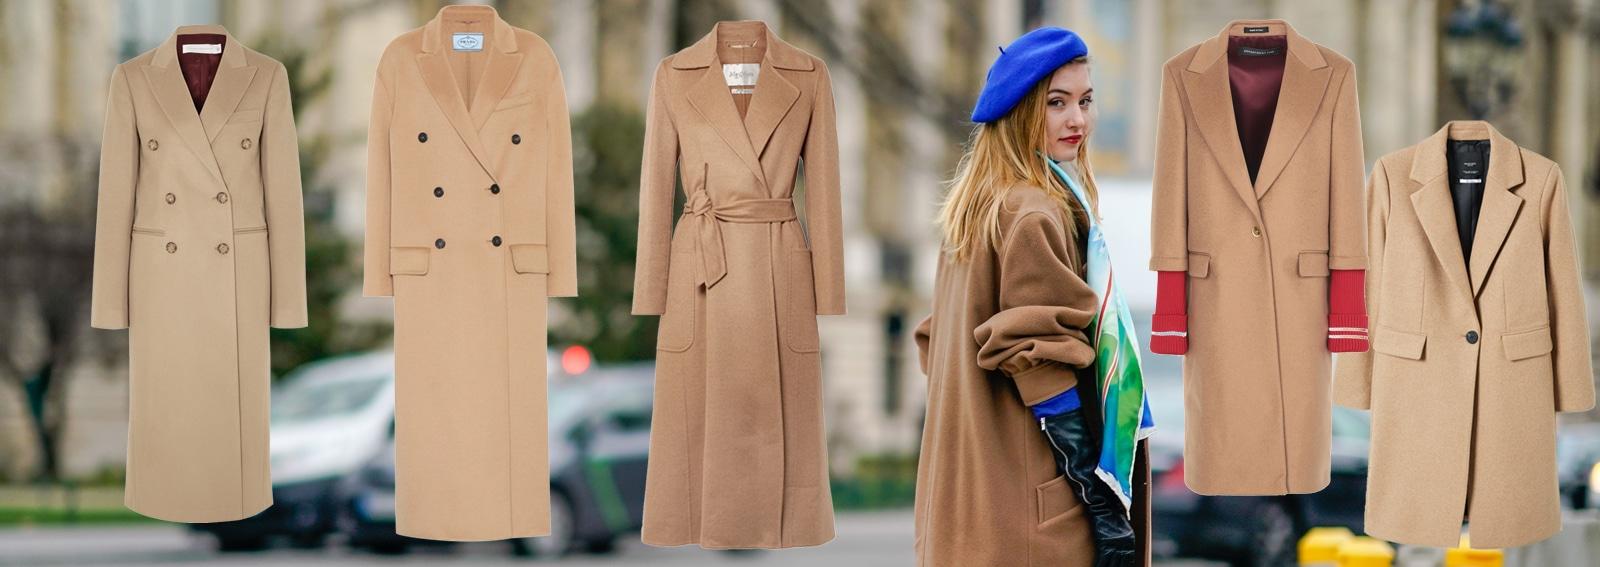 61af7f062d73 Cappotto cammello: i modelli più cool da scegliere